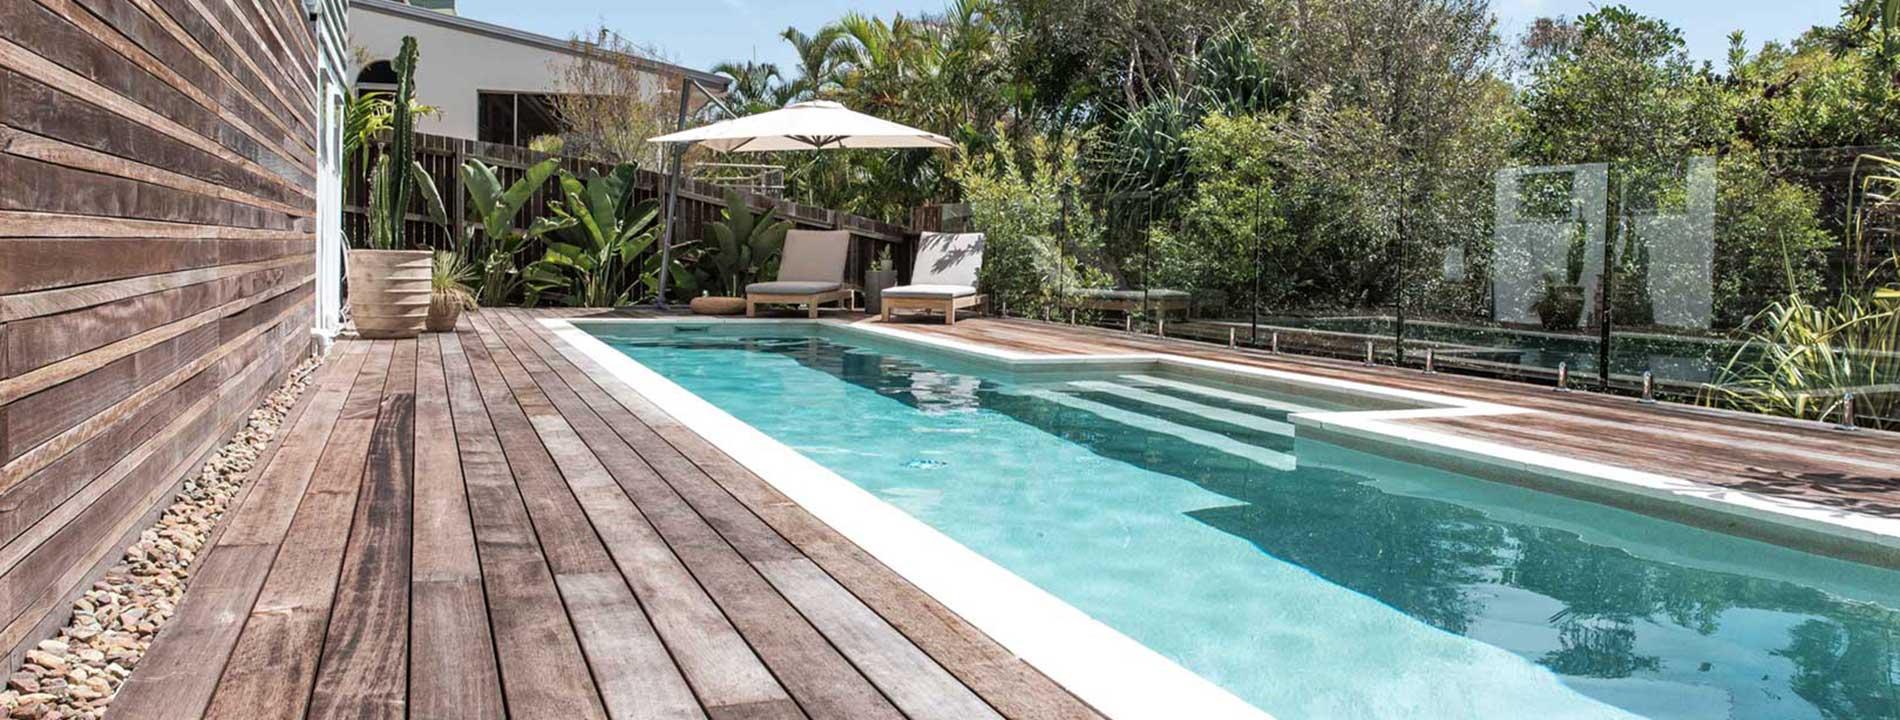 Pool area fence